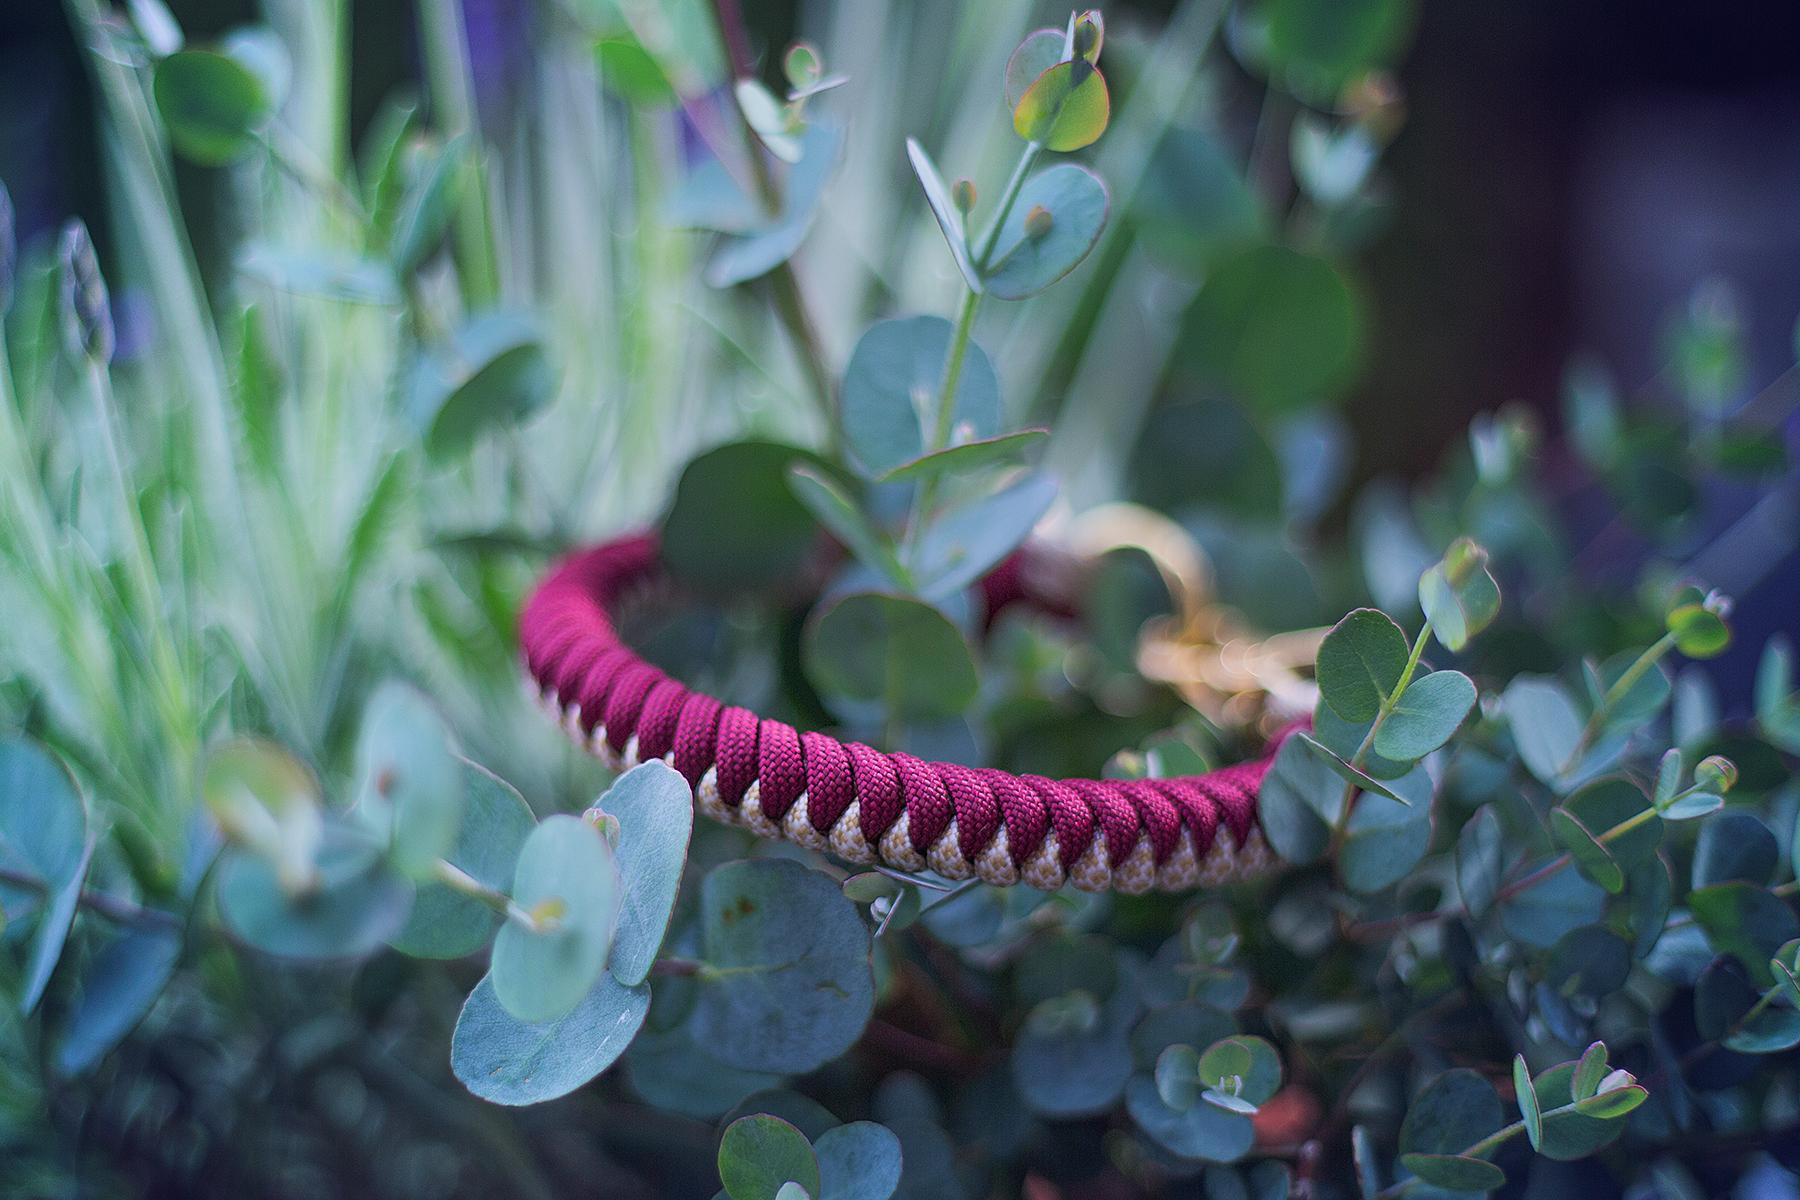 paracord halsband für kleine hunde in wunschfarben